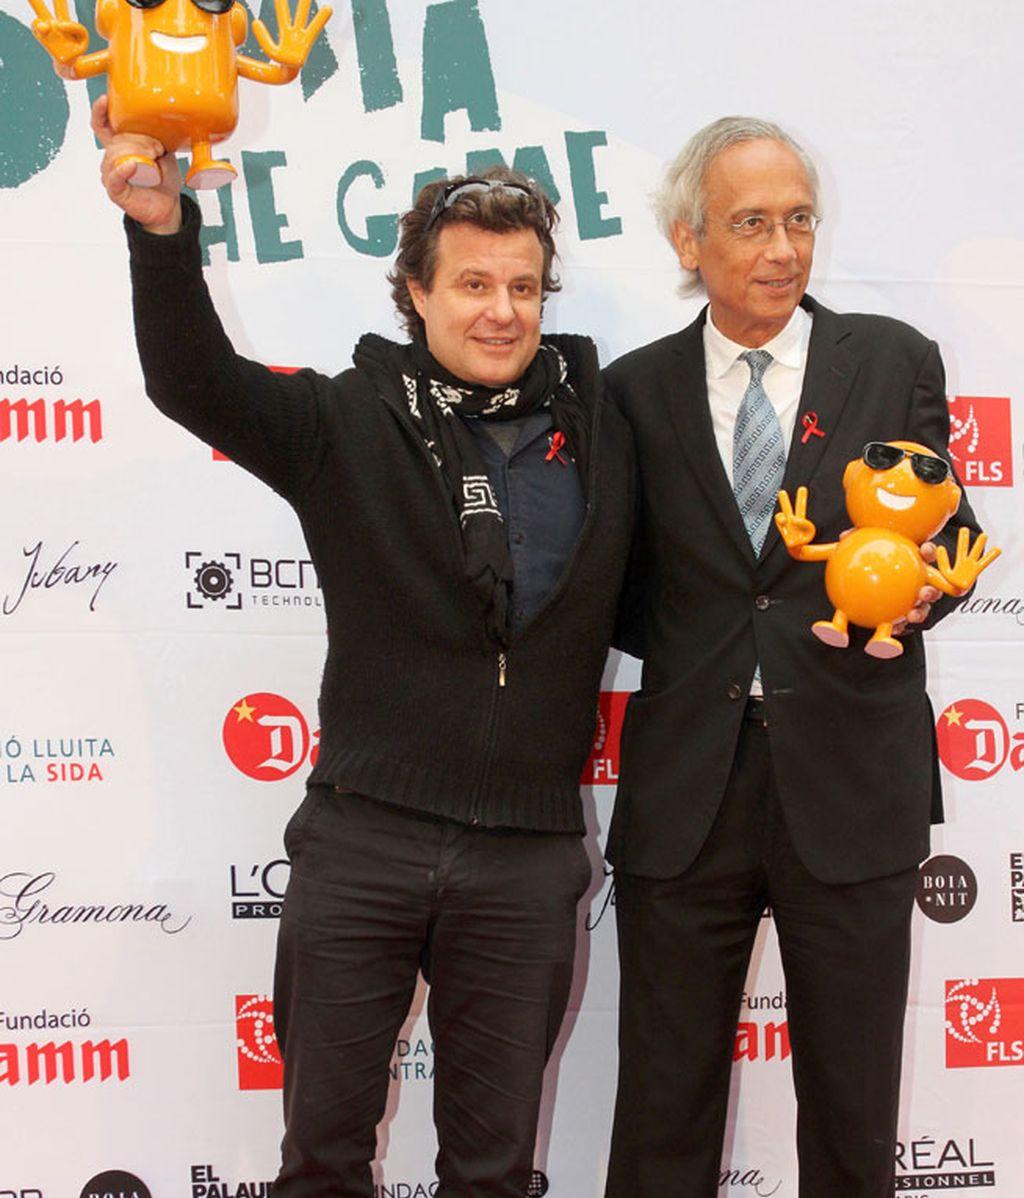 Ricardo Bofill con Pitu y Tupi, protagonistas del videojuego